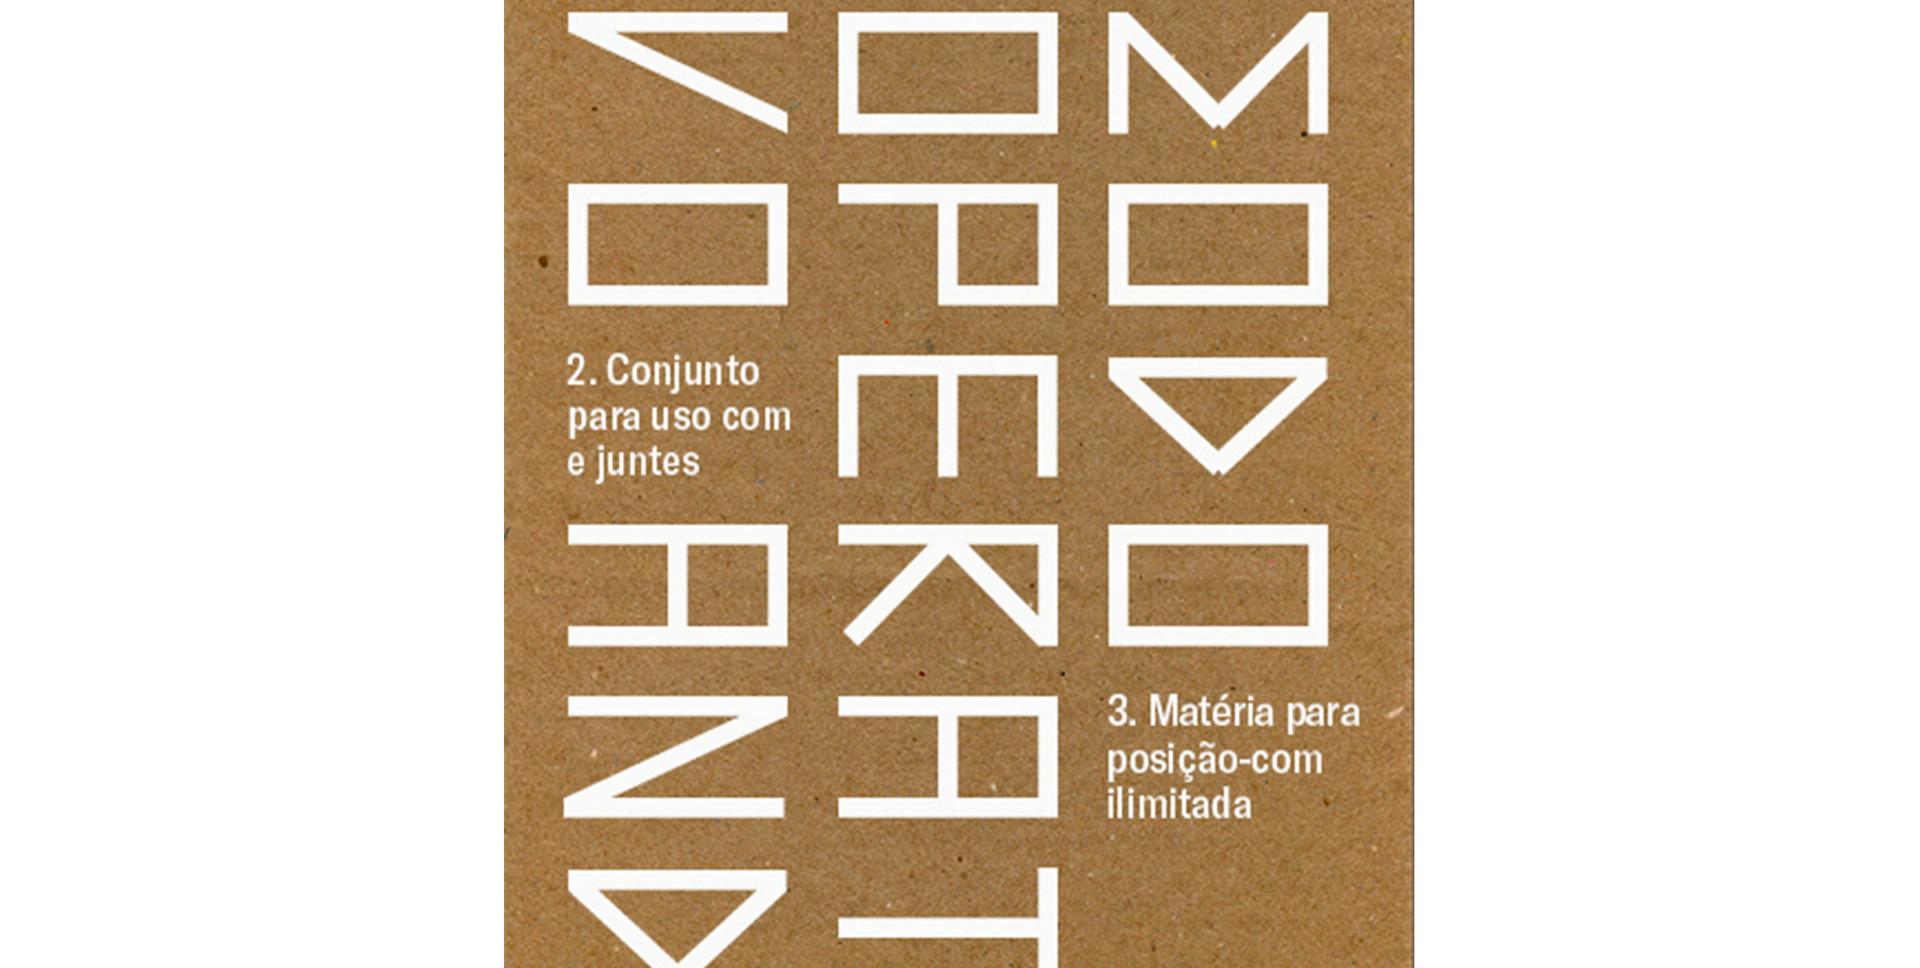 Caixa-Livro AND